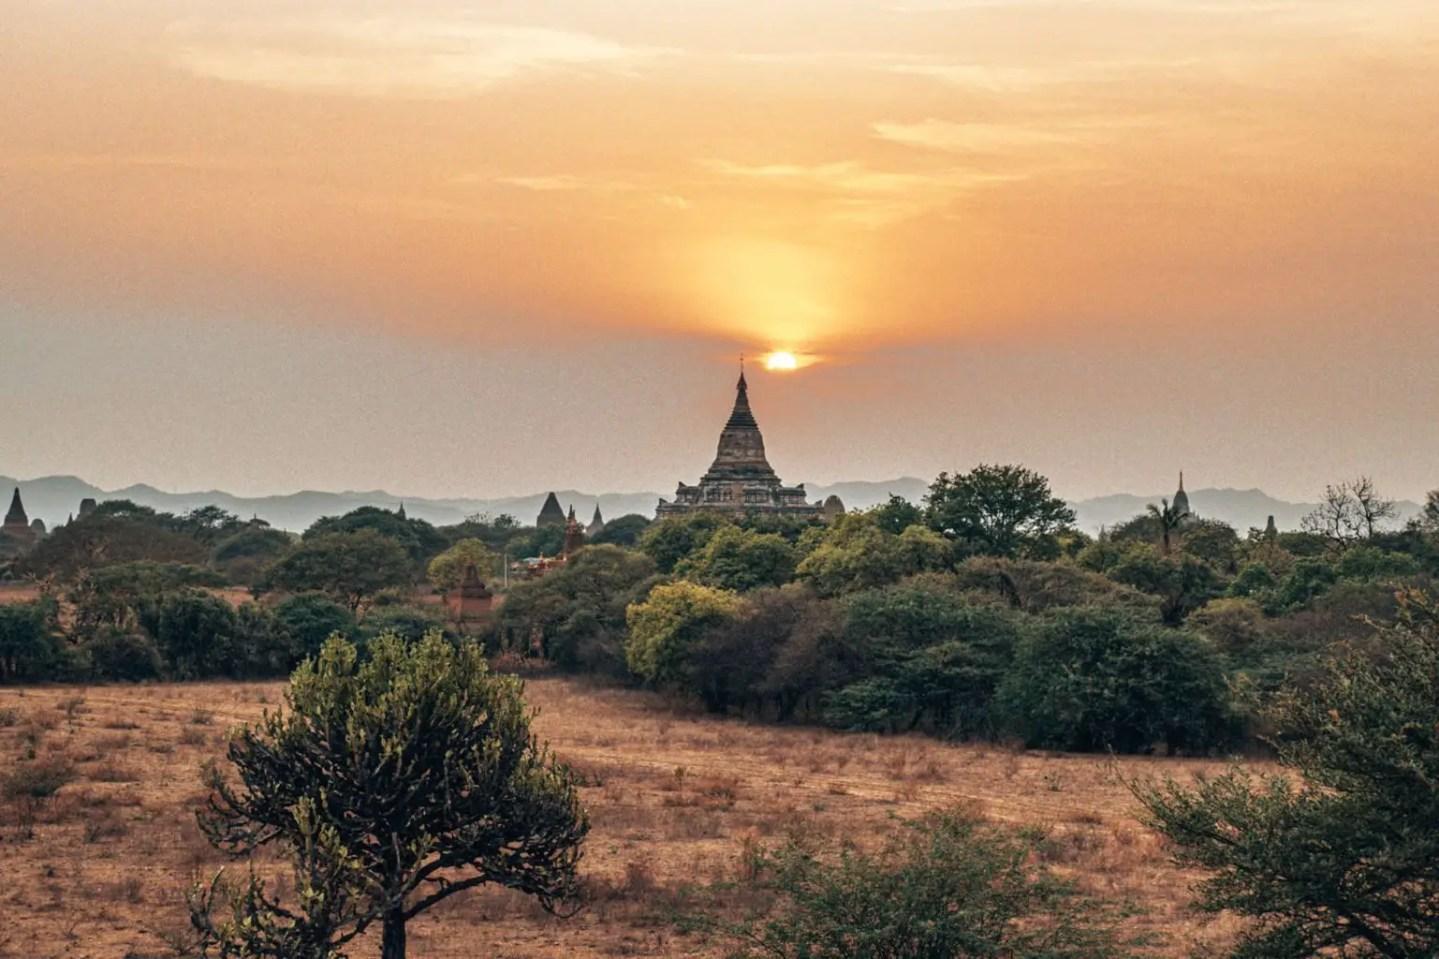 Sunrise over Shwesandaw temple Bagan